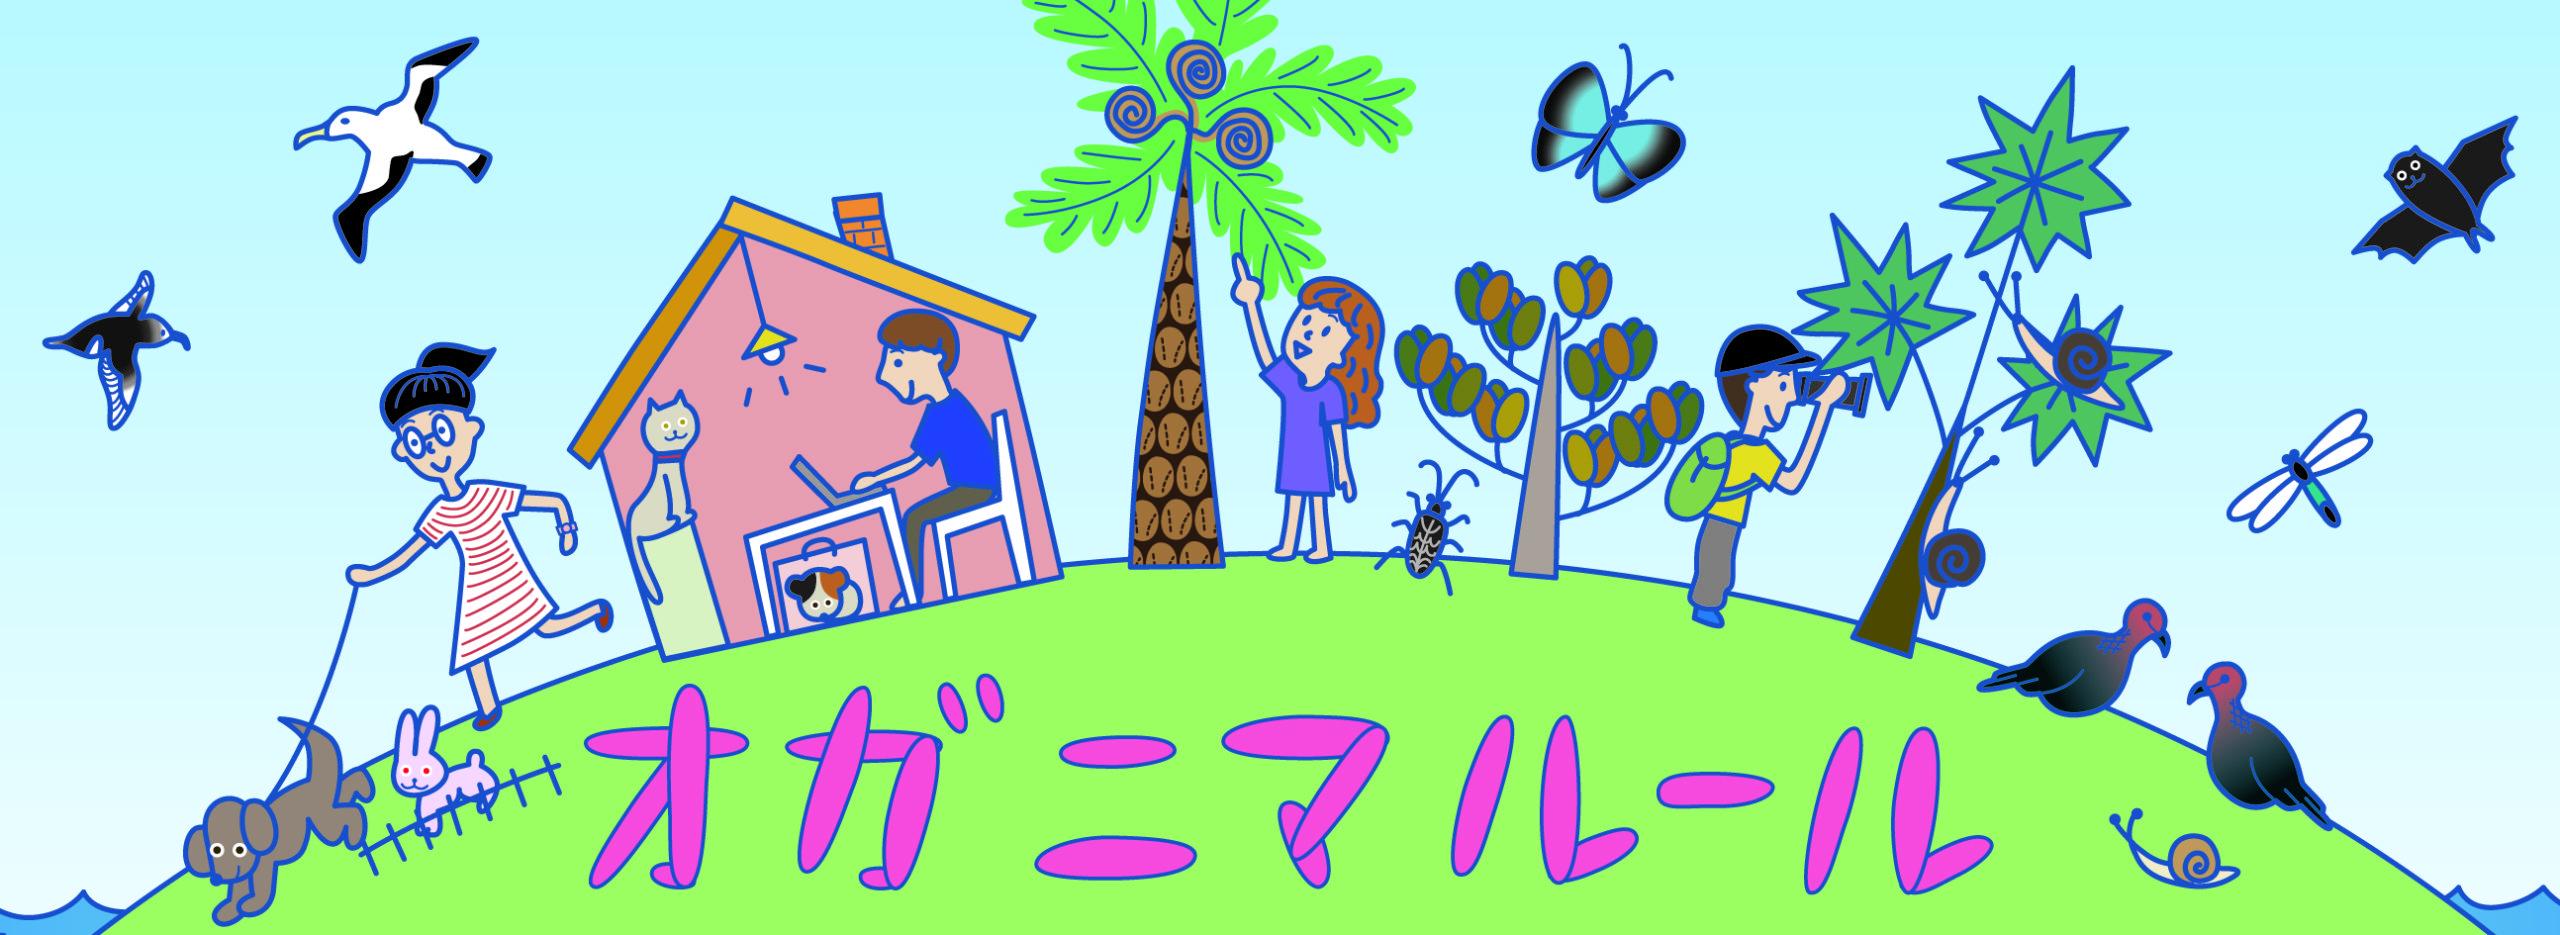 オガニマルール・小笠原ペット条例